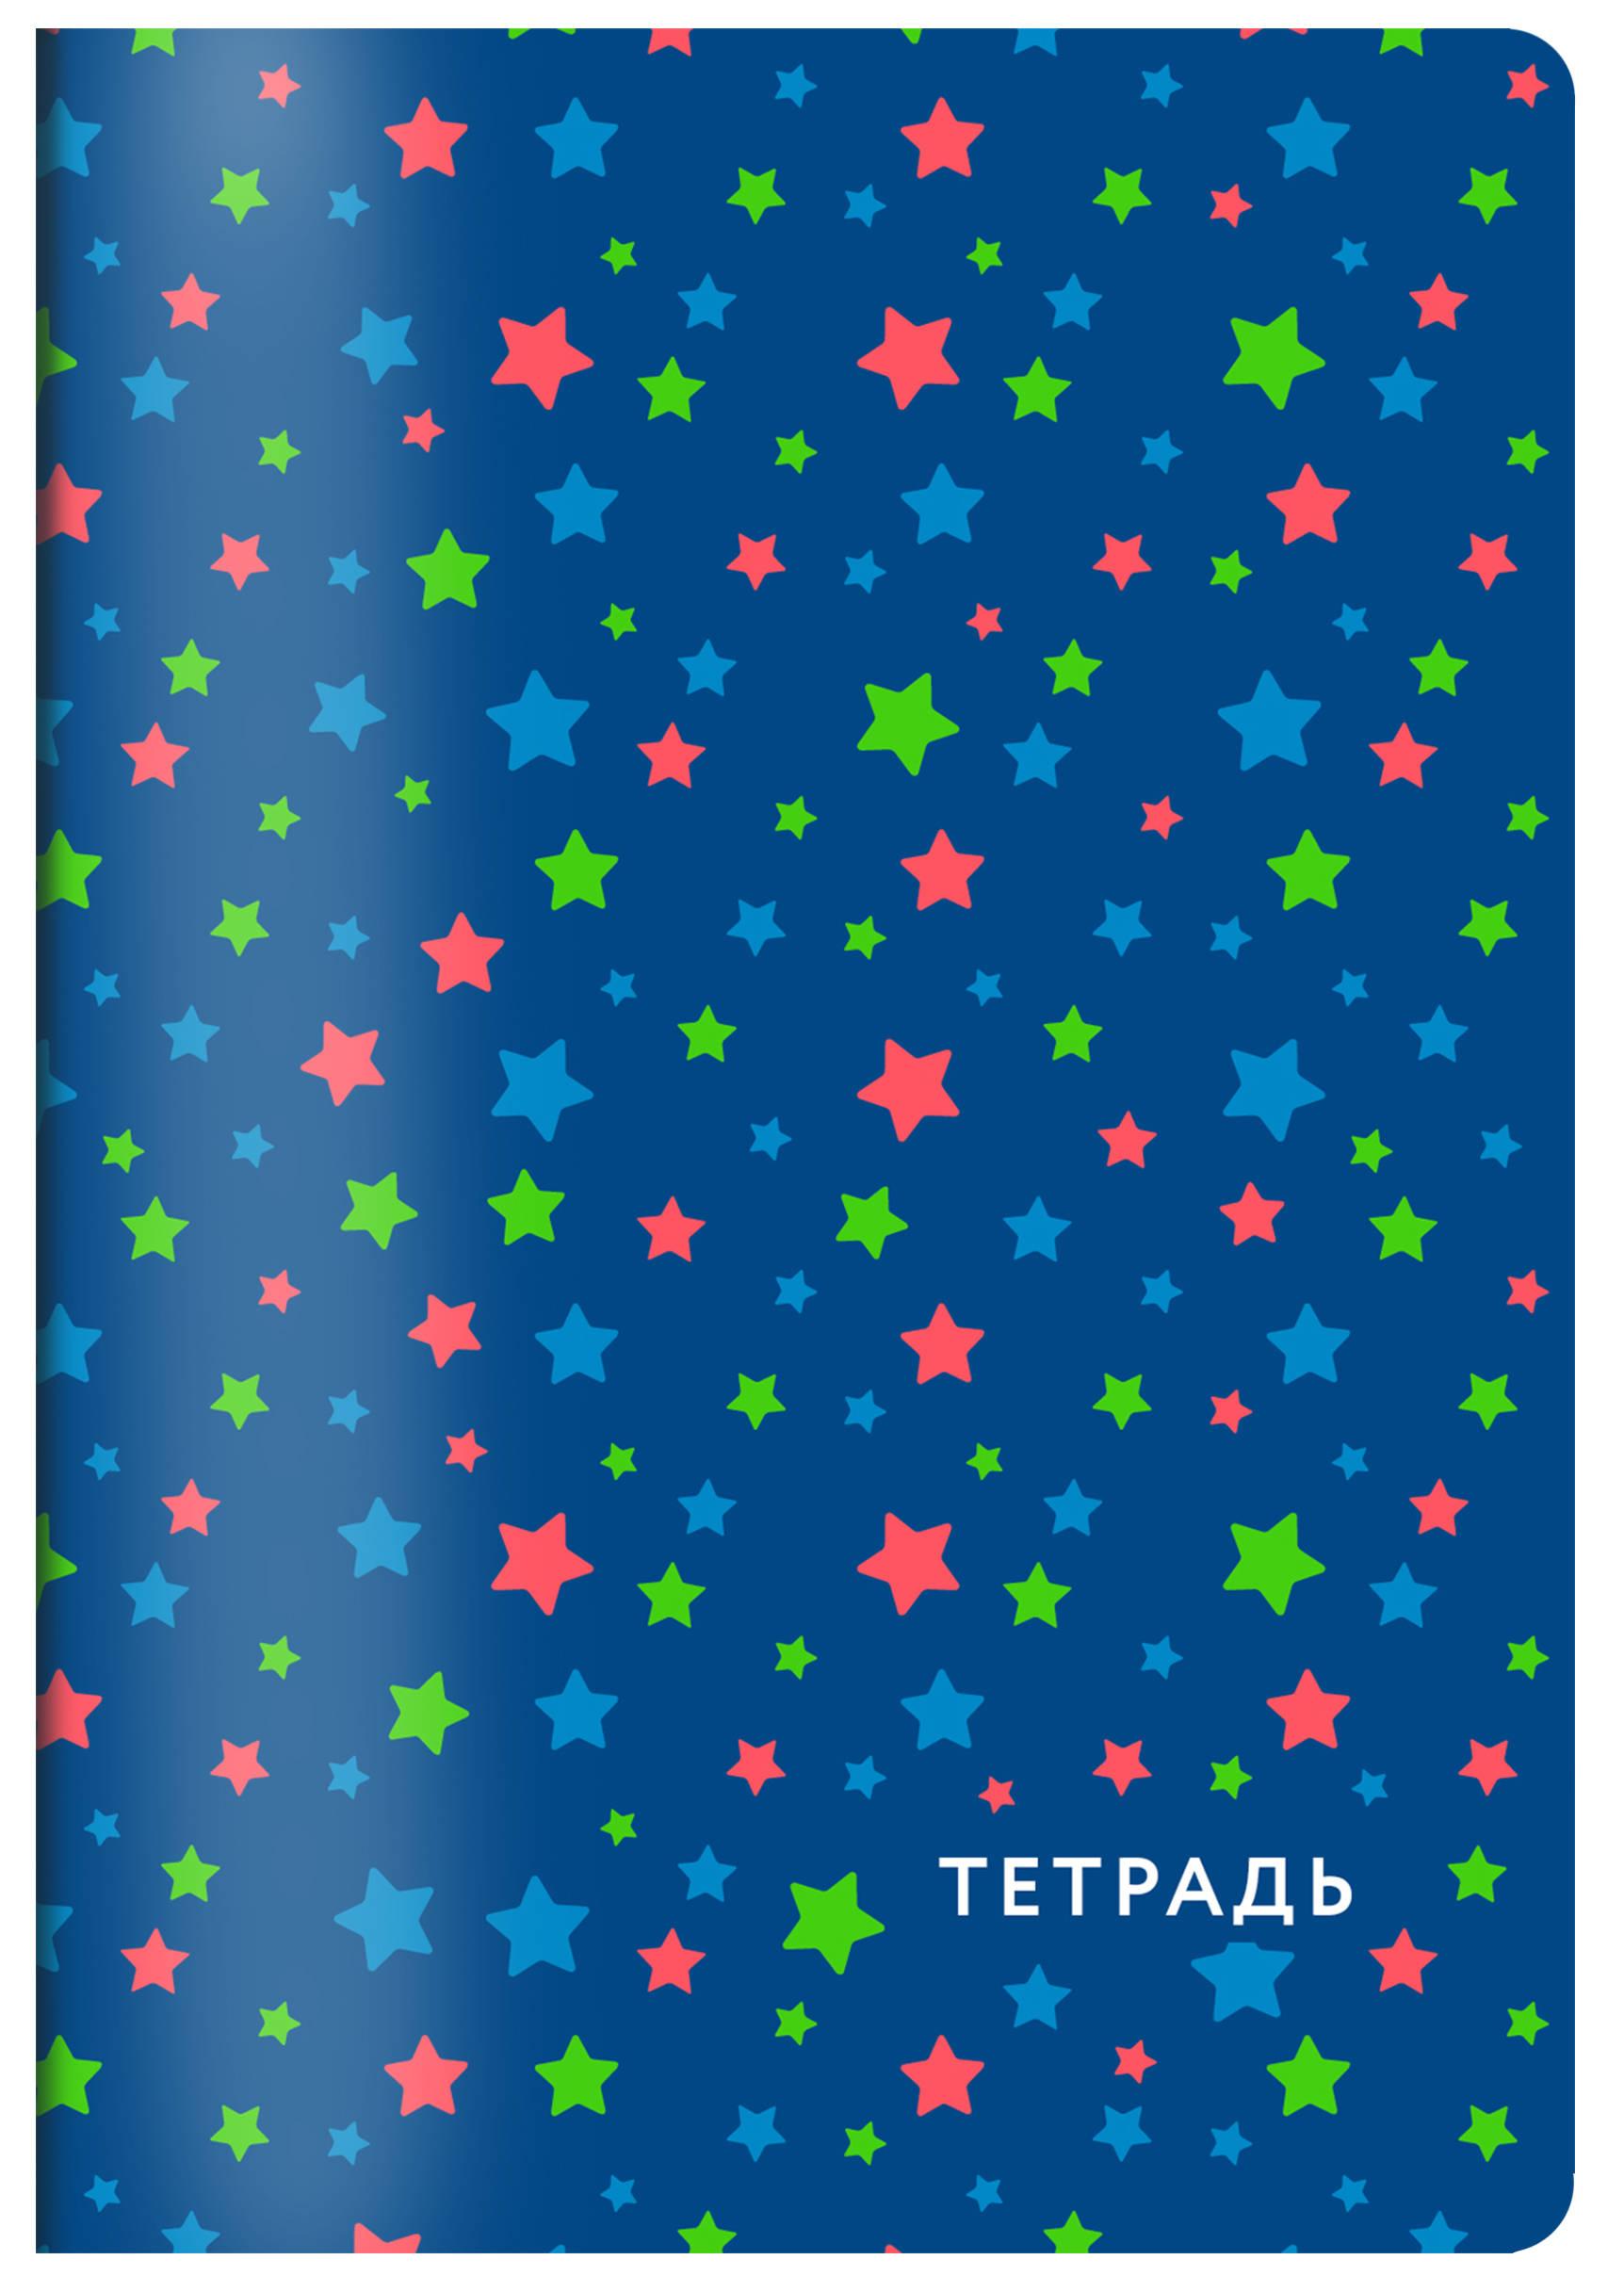 Фото - Звездное небо. Тетрадь общая, А5, 48л., накидка, 4 п. полноцвет., выб. лак тетрадь 96л а5 клетка академия групп серия классика лакированная обложка 7877 3 eac